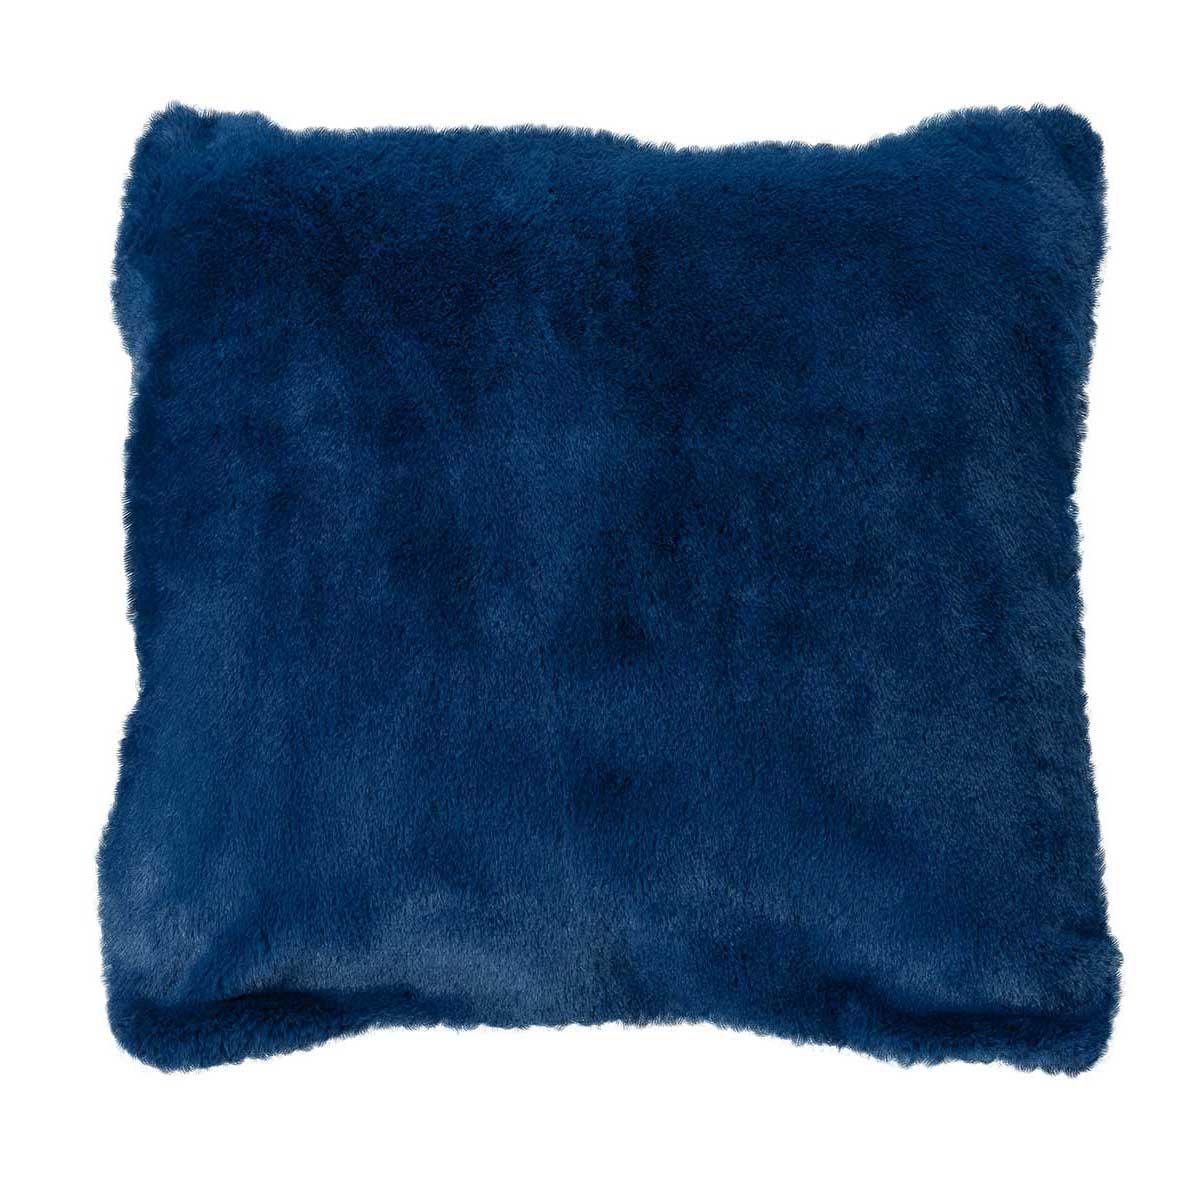 Housse de coussin en imitation fourrure polyester minuit 45x45